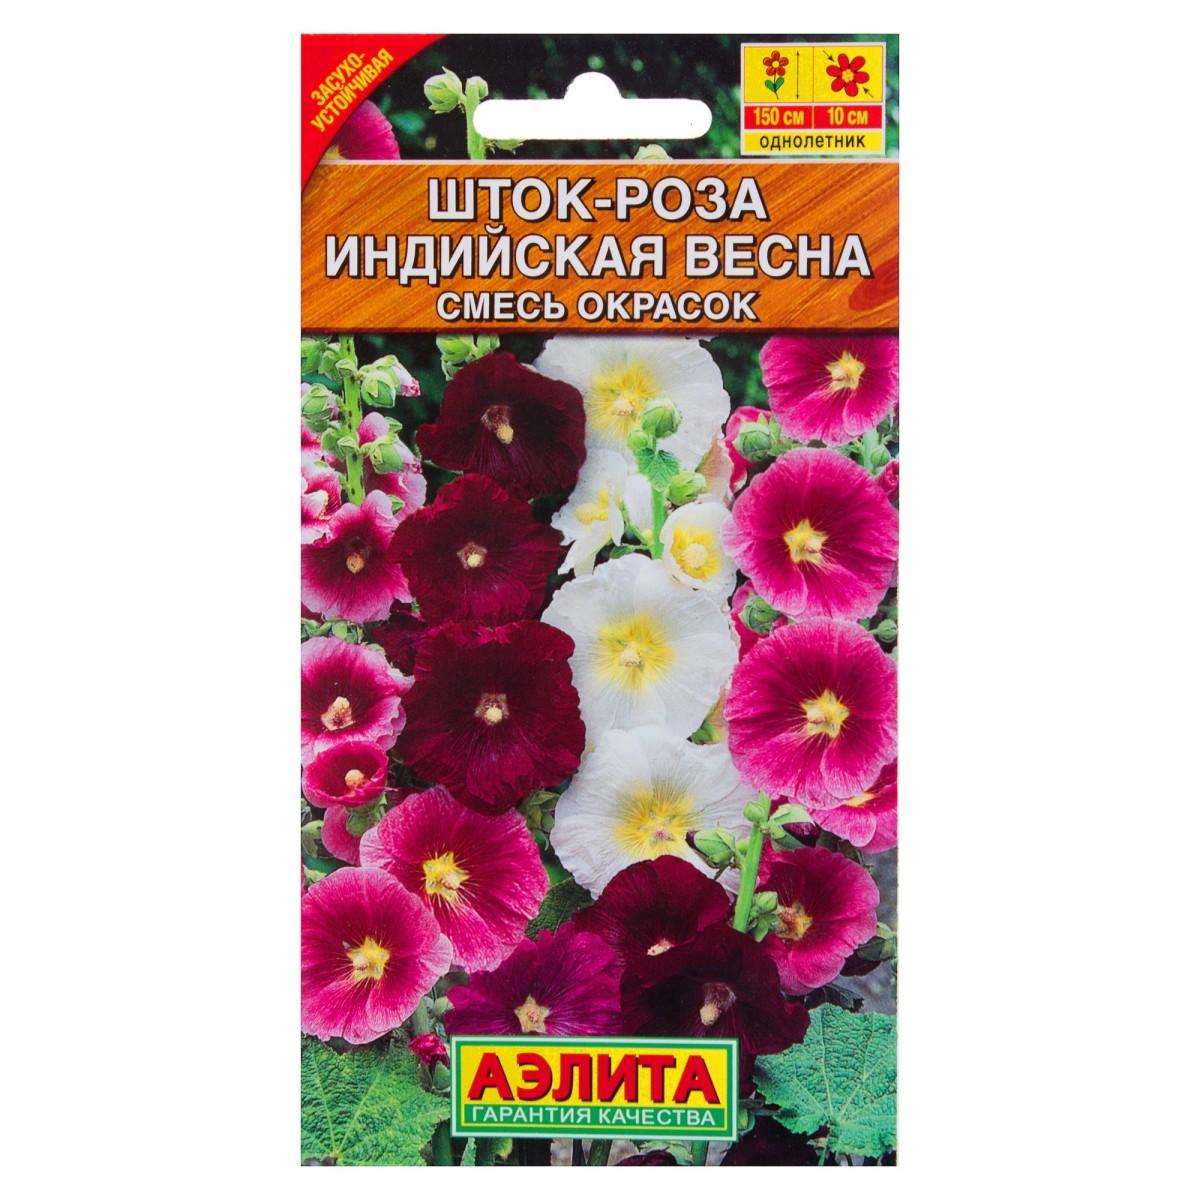 Шток-роза Индийская весна 0.3 г смесь окрасок